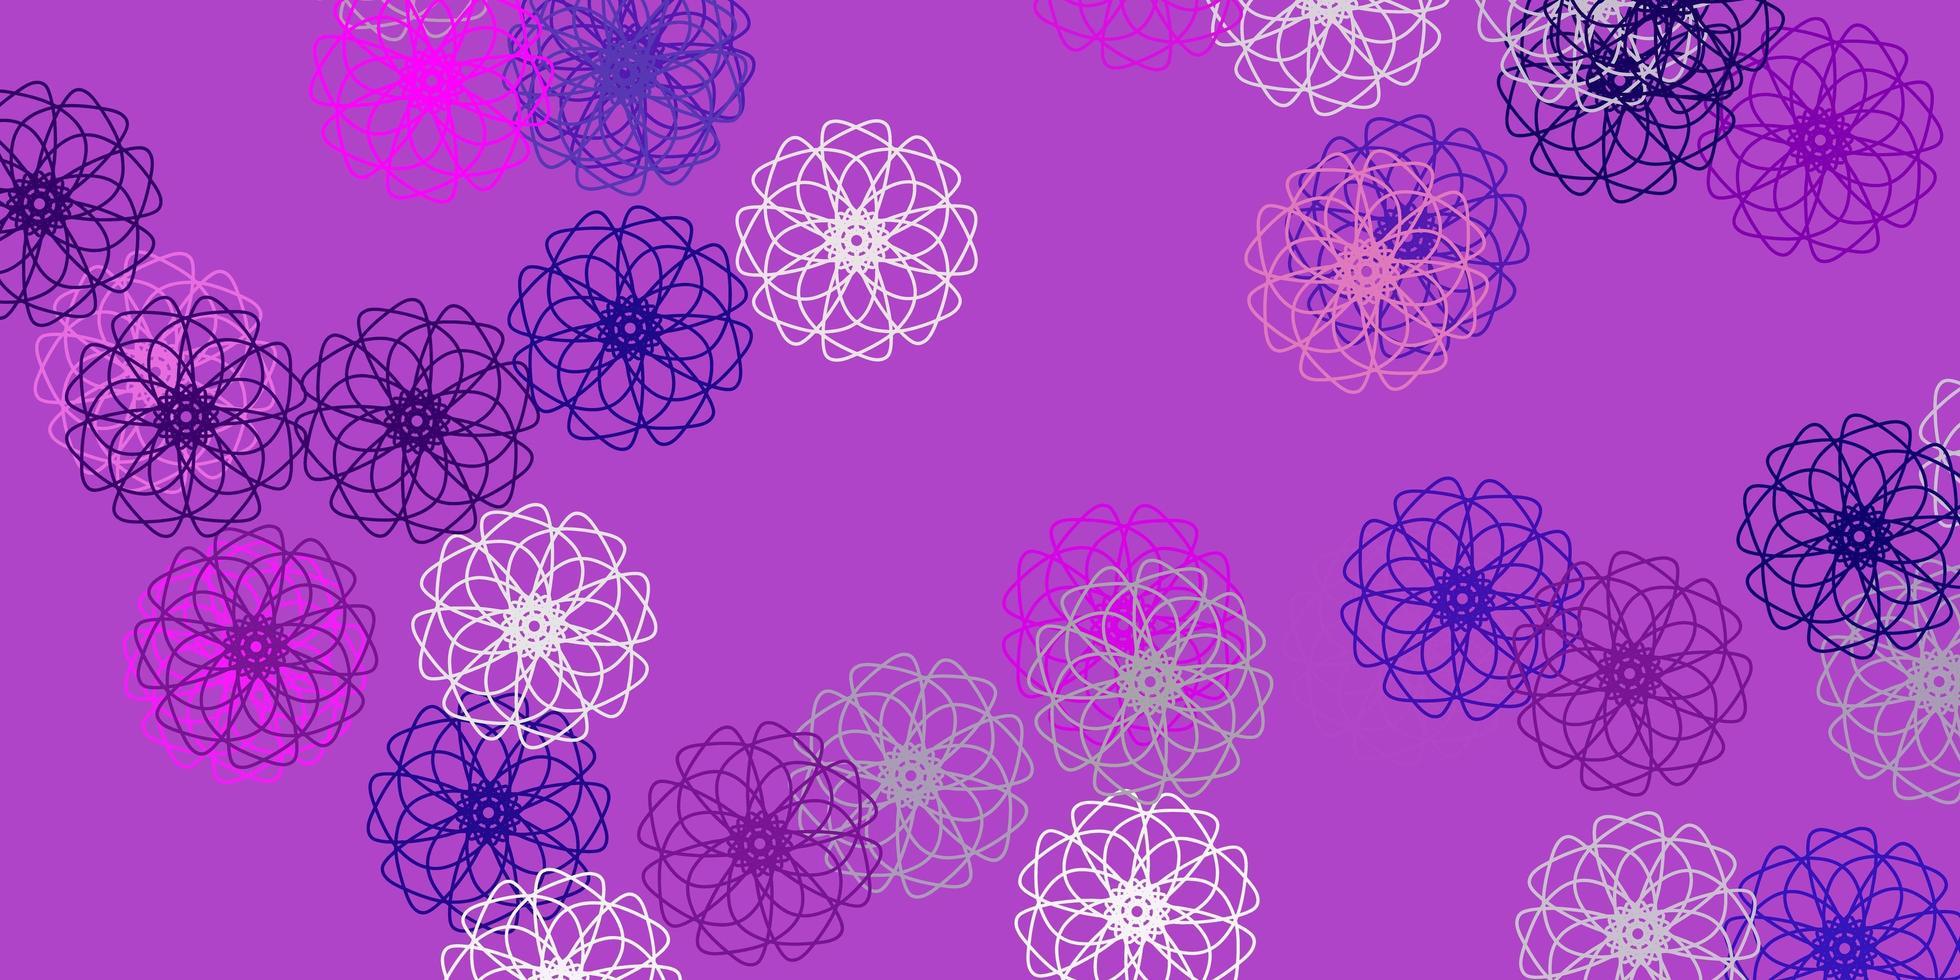 aménagement naturel violet clair, rose avec des fleurs. vecteur